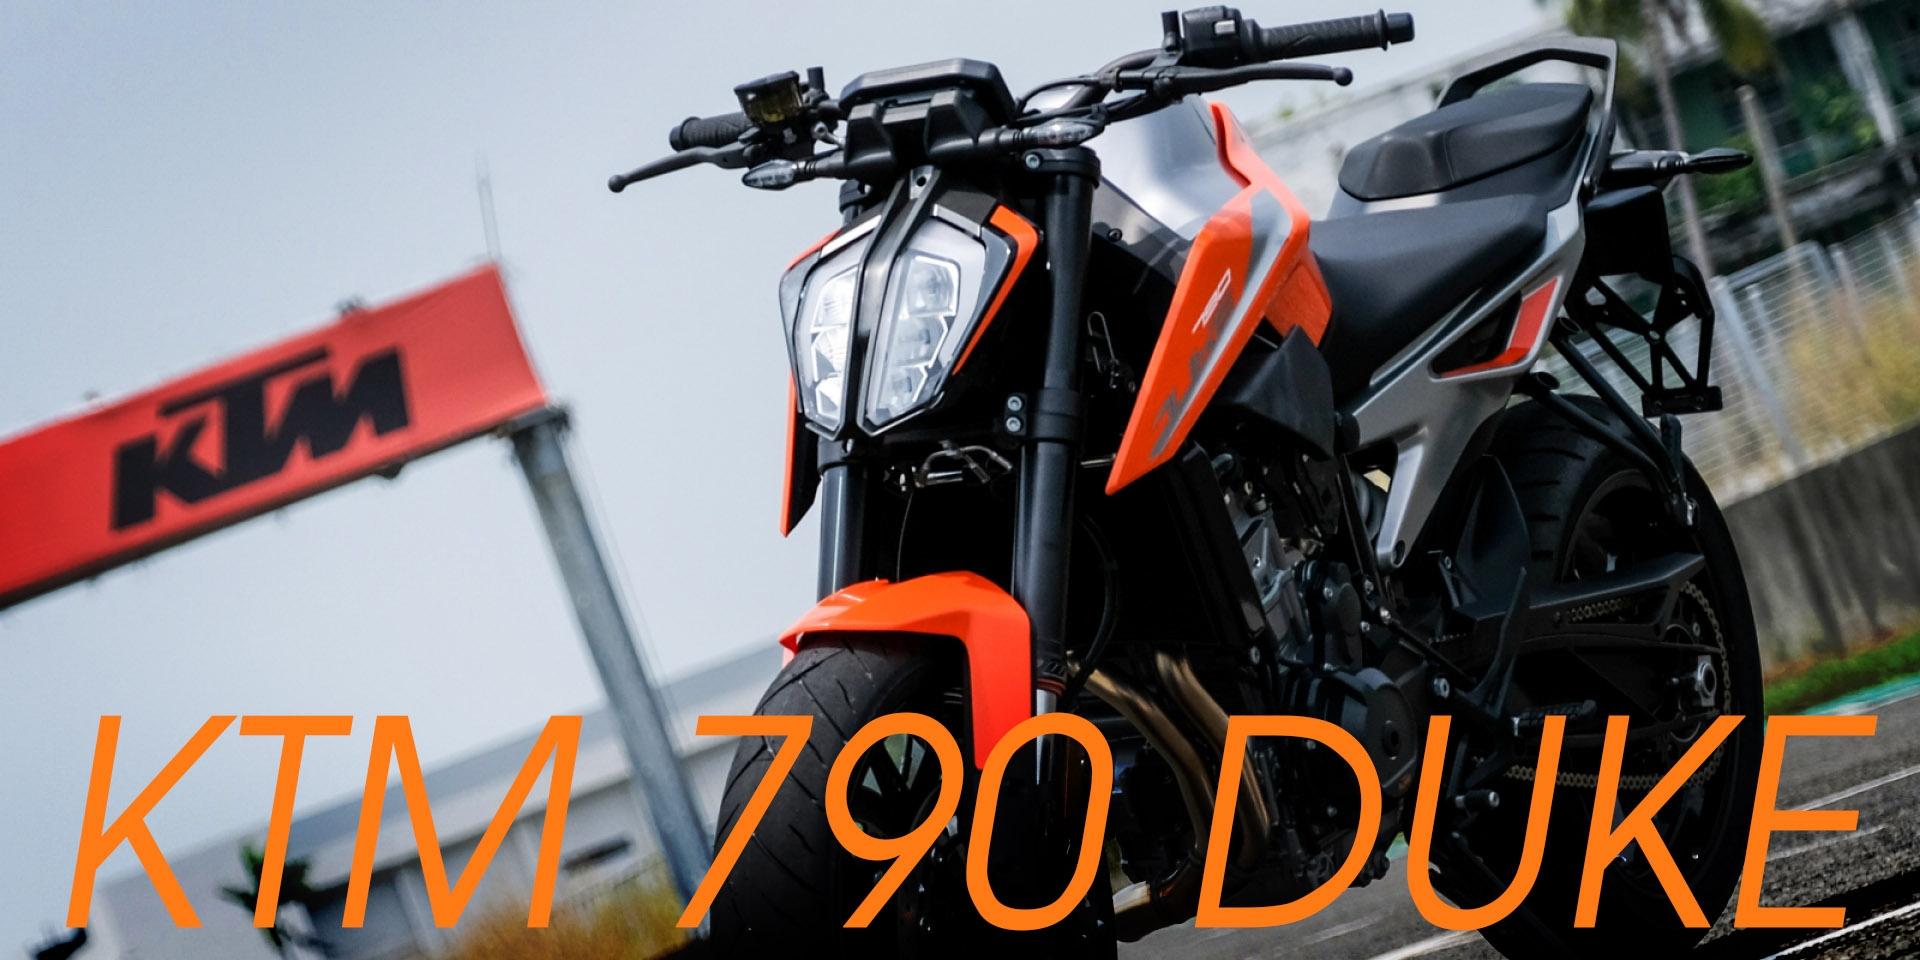 賽道性能直逼仿賽,KTM 790 Duke台灣正式發表,賽道體驗